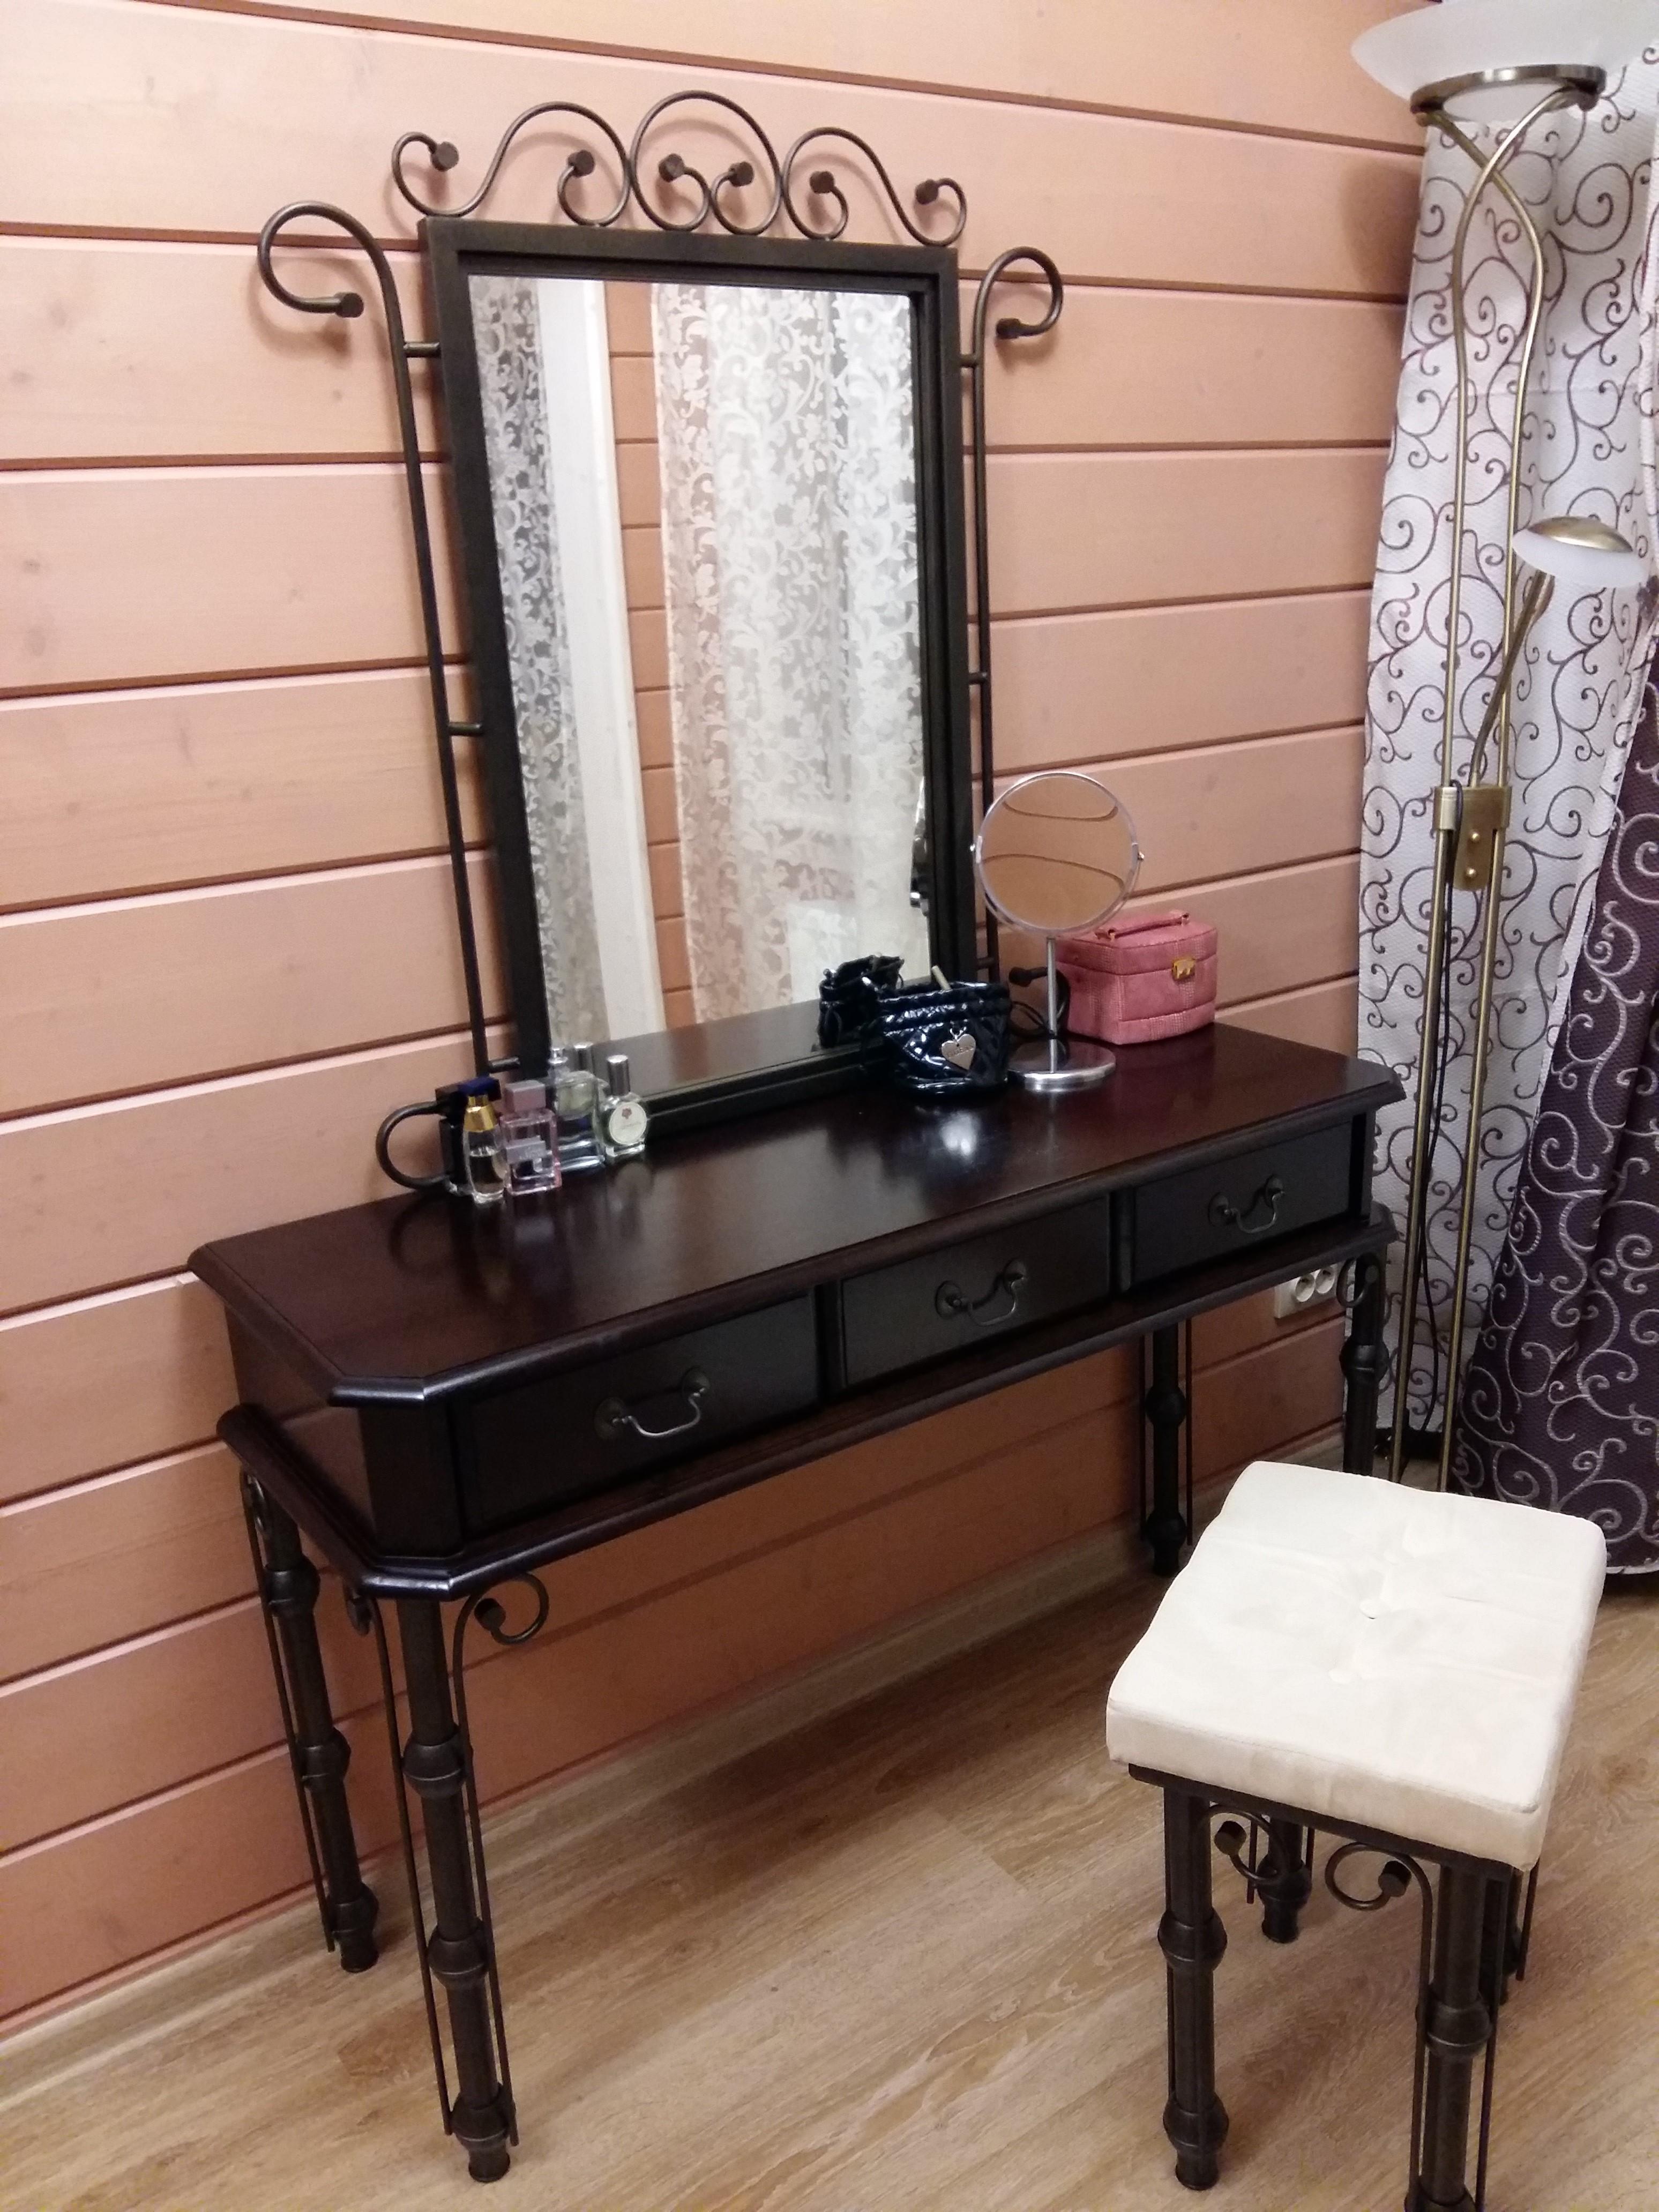 Сбор заказов. Малайзийская мебель, ширмы из японии, мебель для сада, Люстры и светильники и многое другое стоп 20 марта